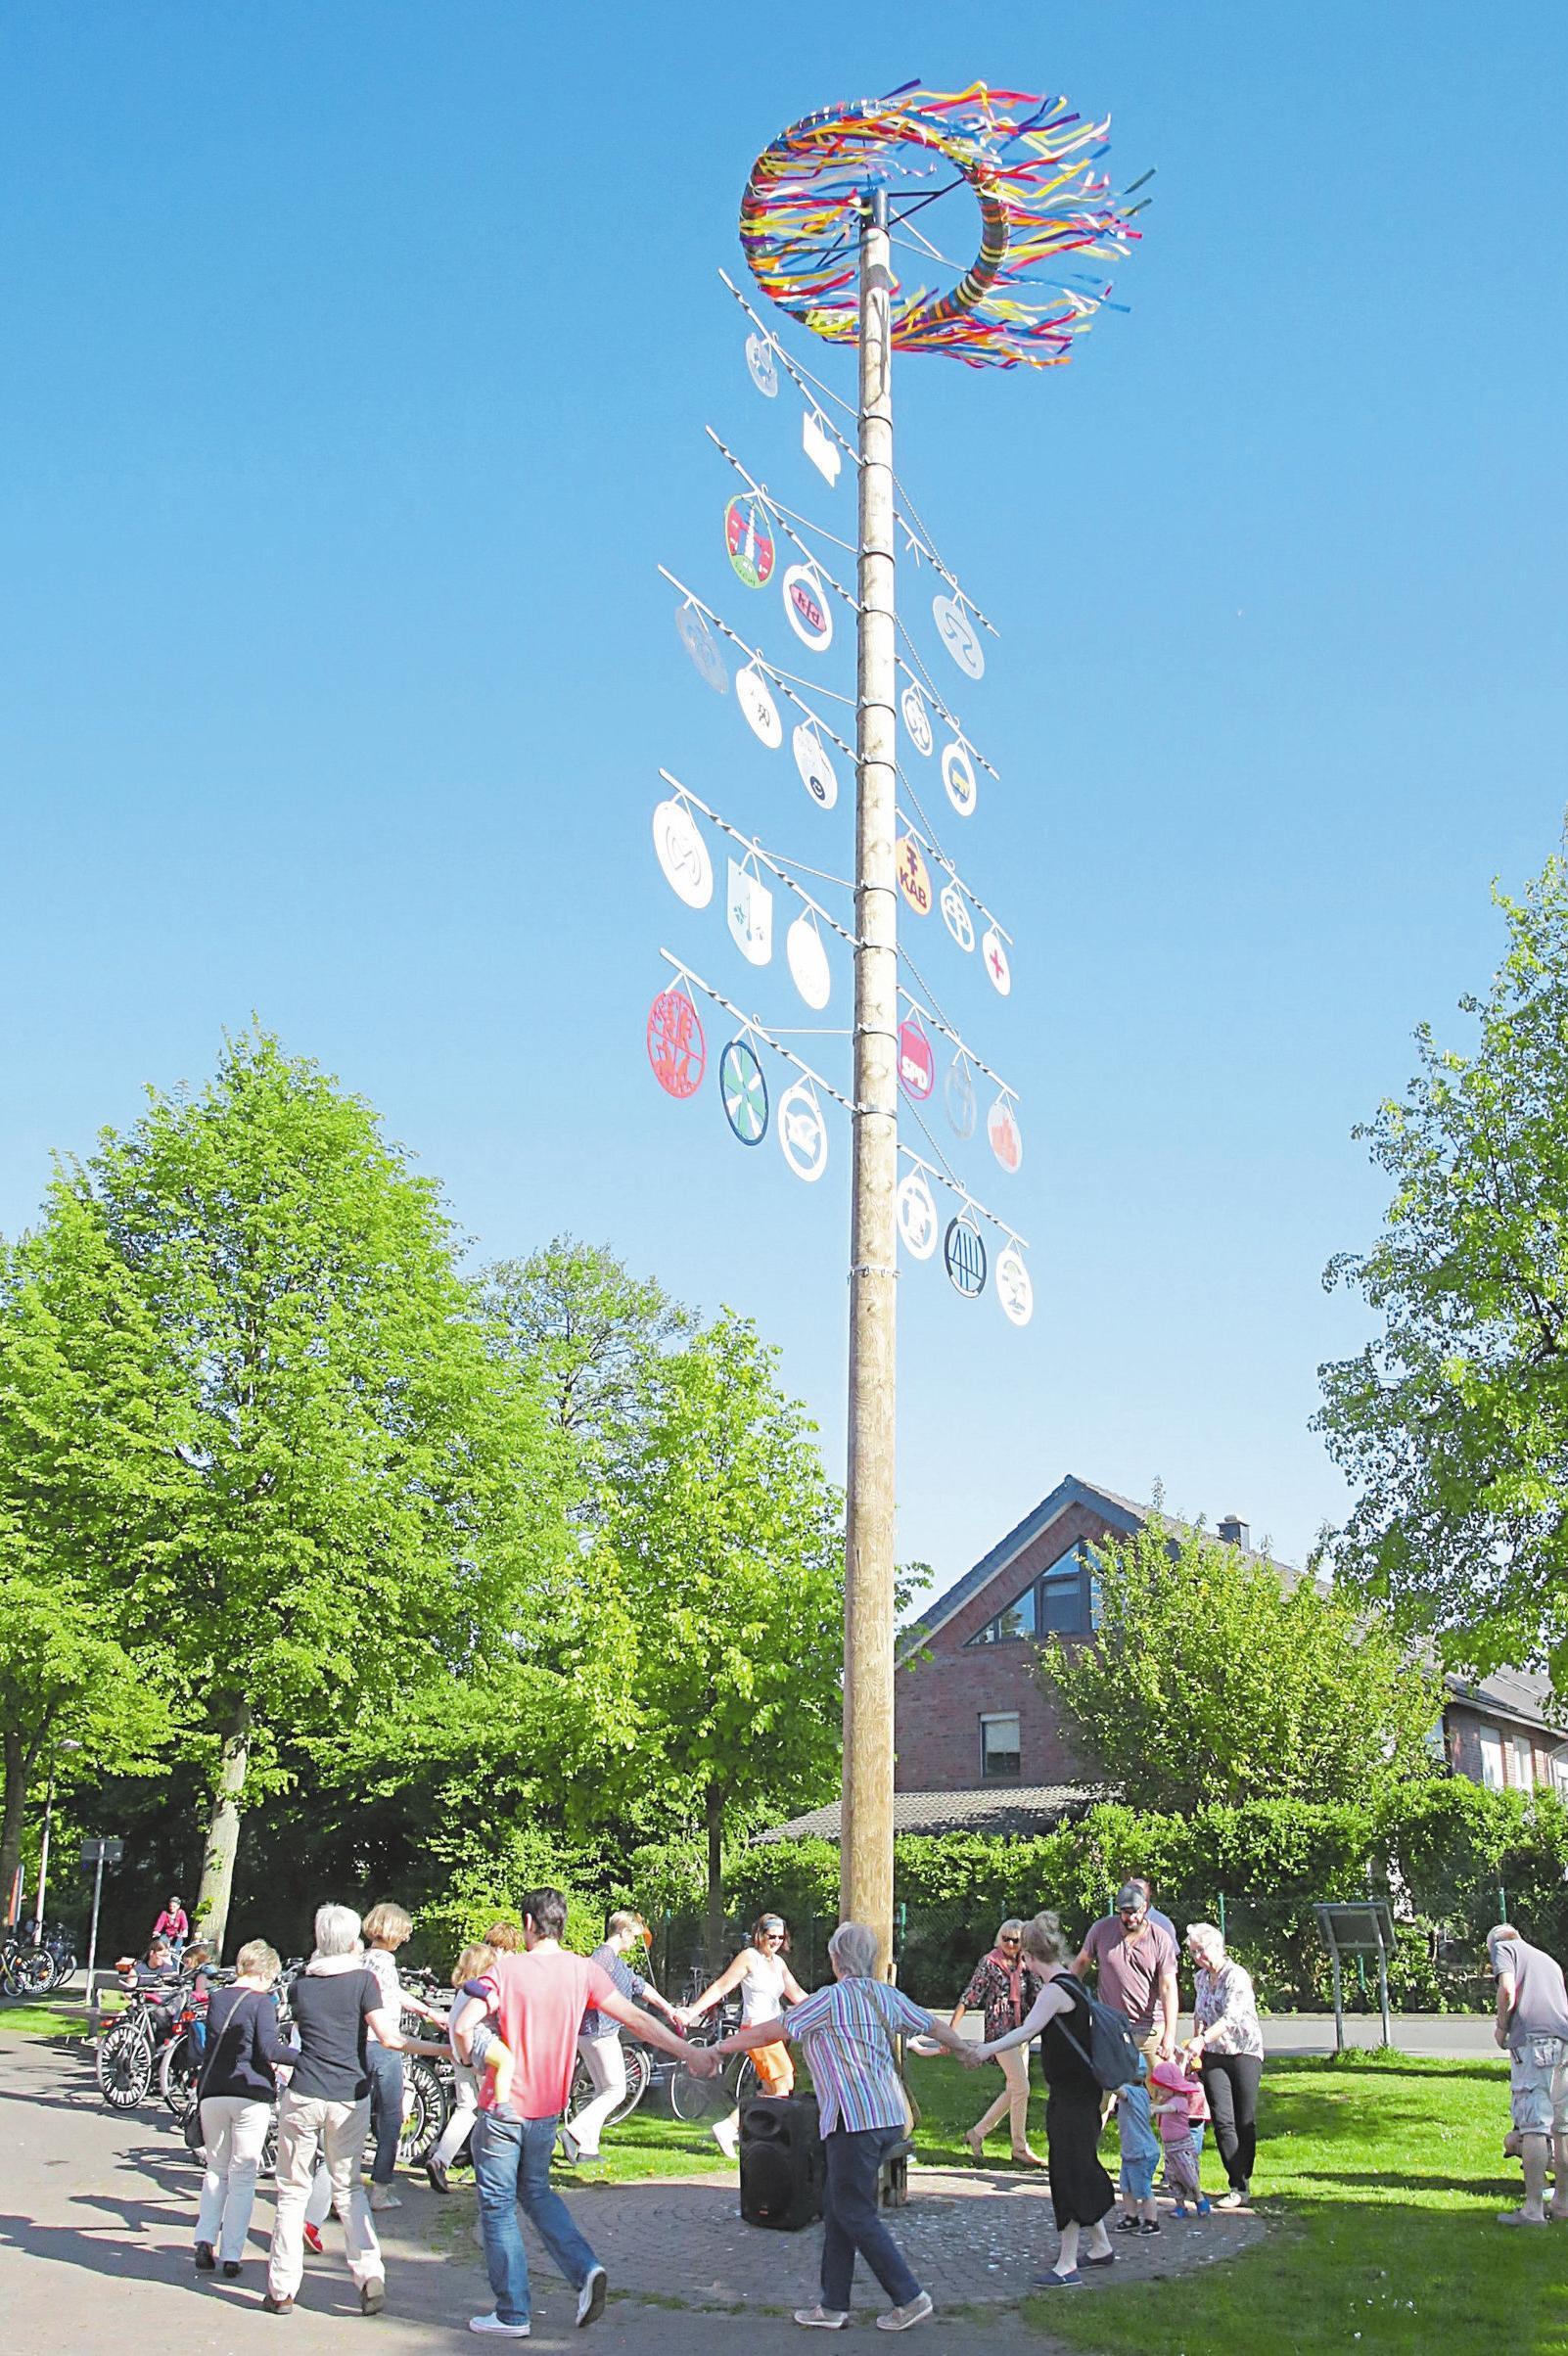 Sobald der Mast steht, können die Maibaumfest-Besucher um diesen herum tanzen.